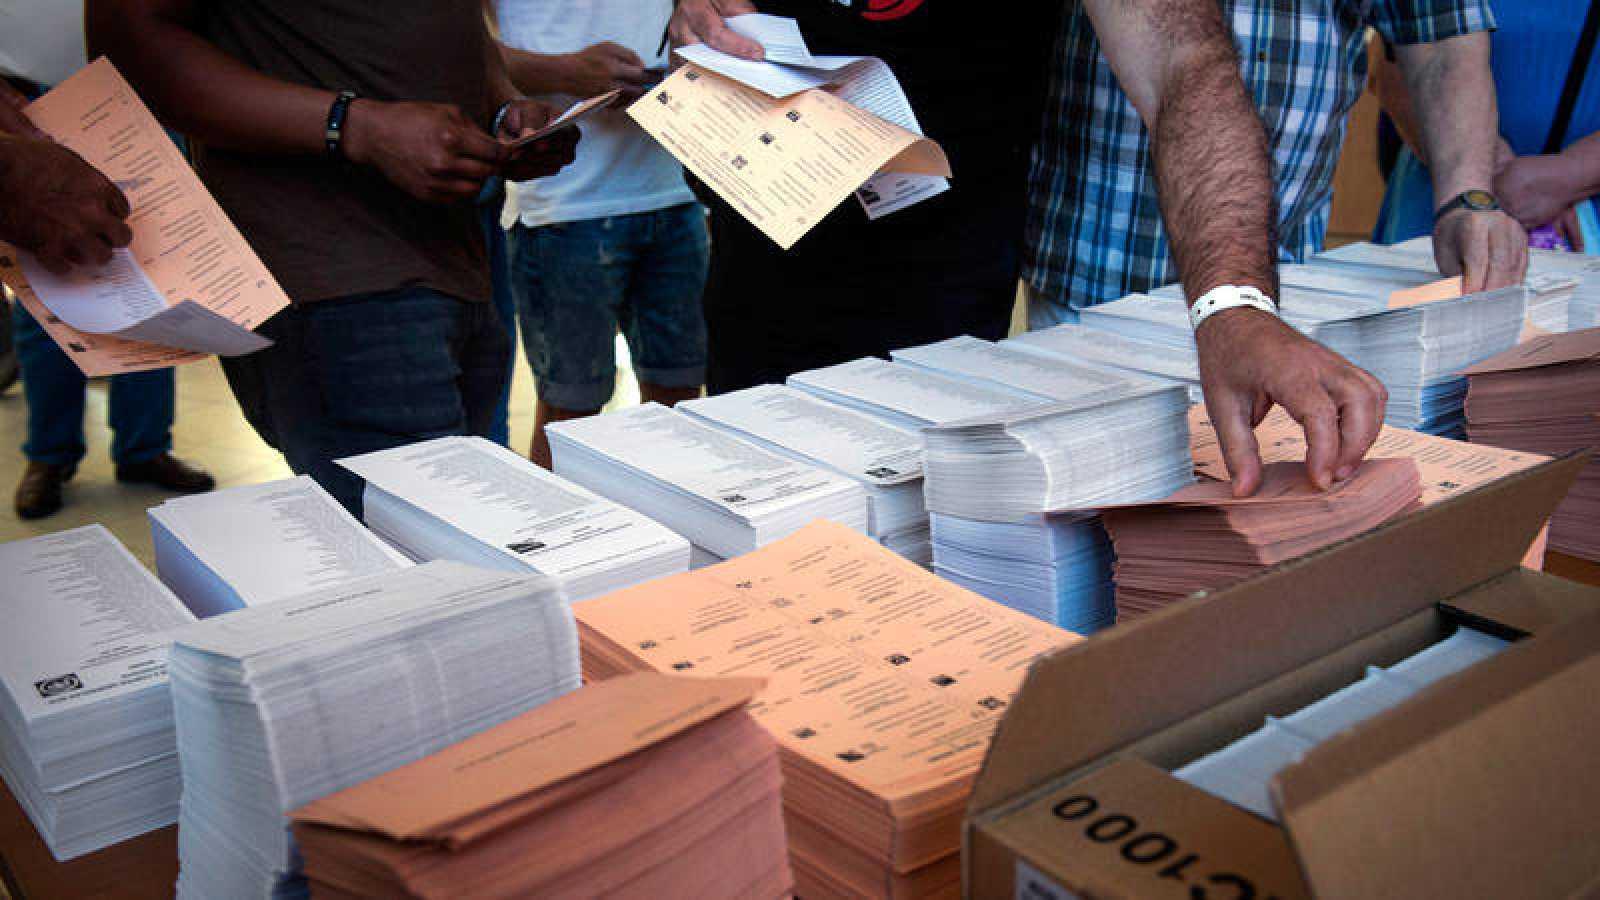 Varias personas momentos antes de ejercer su derecho al voto en el colegio electoral de Vallecas de Madrid en 2016.